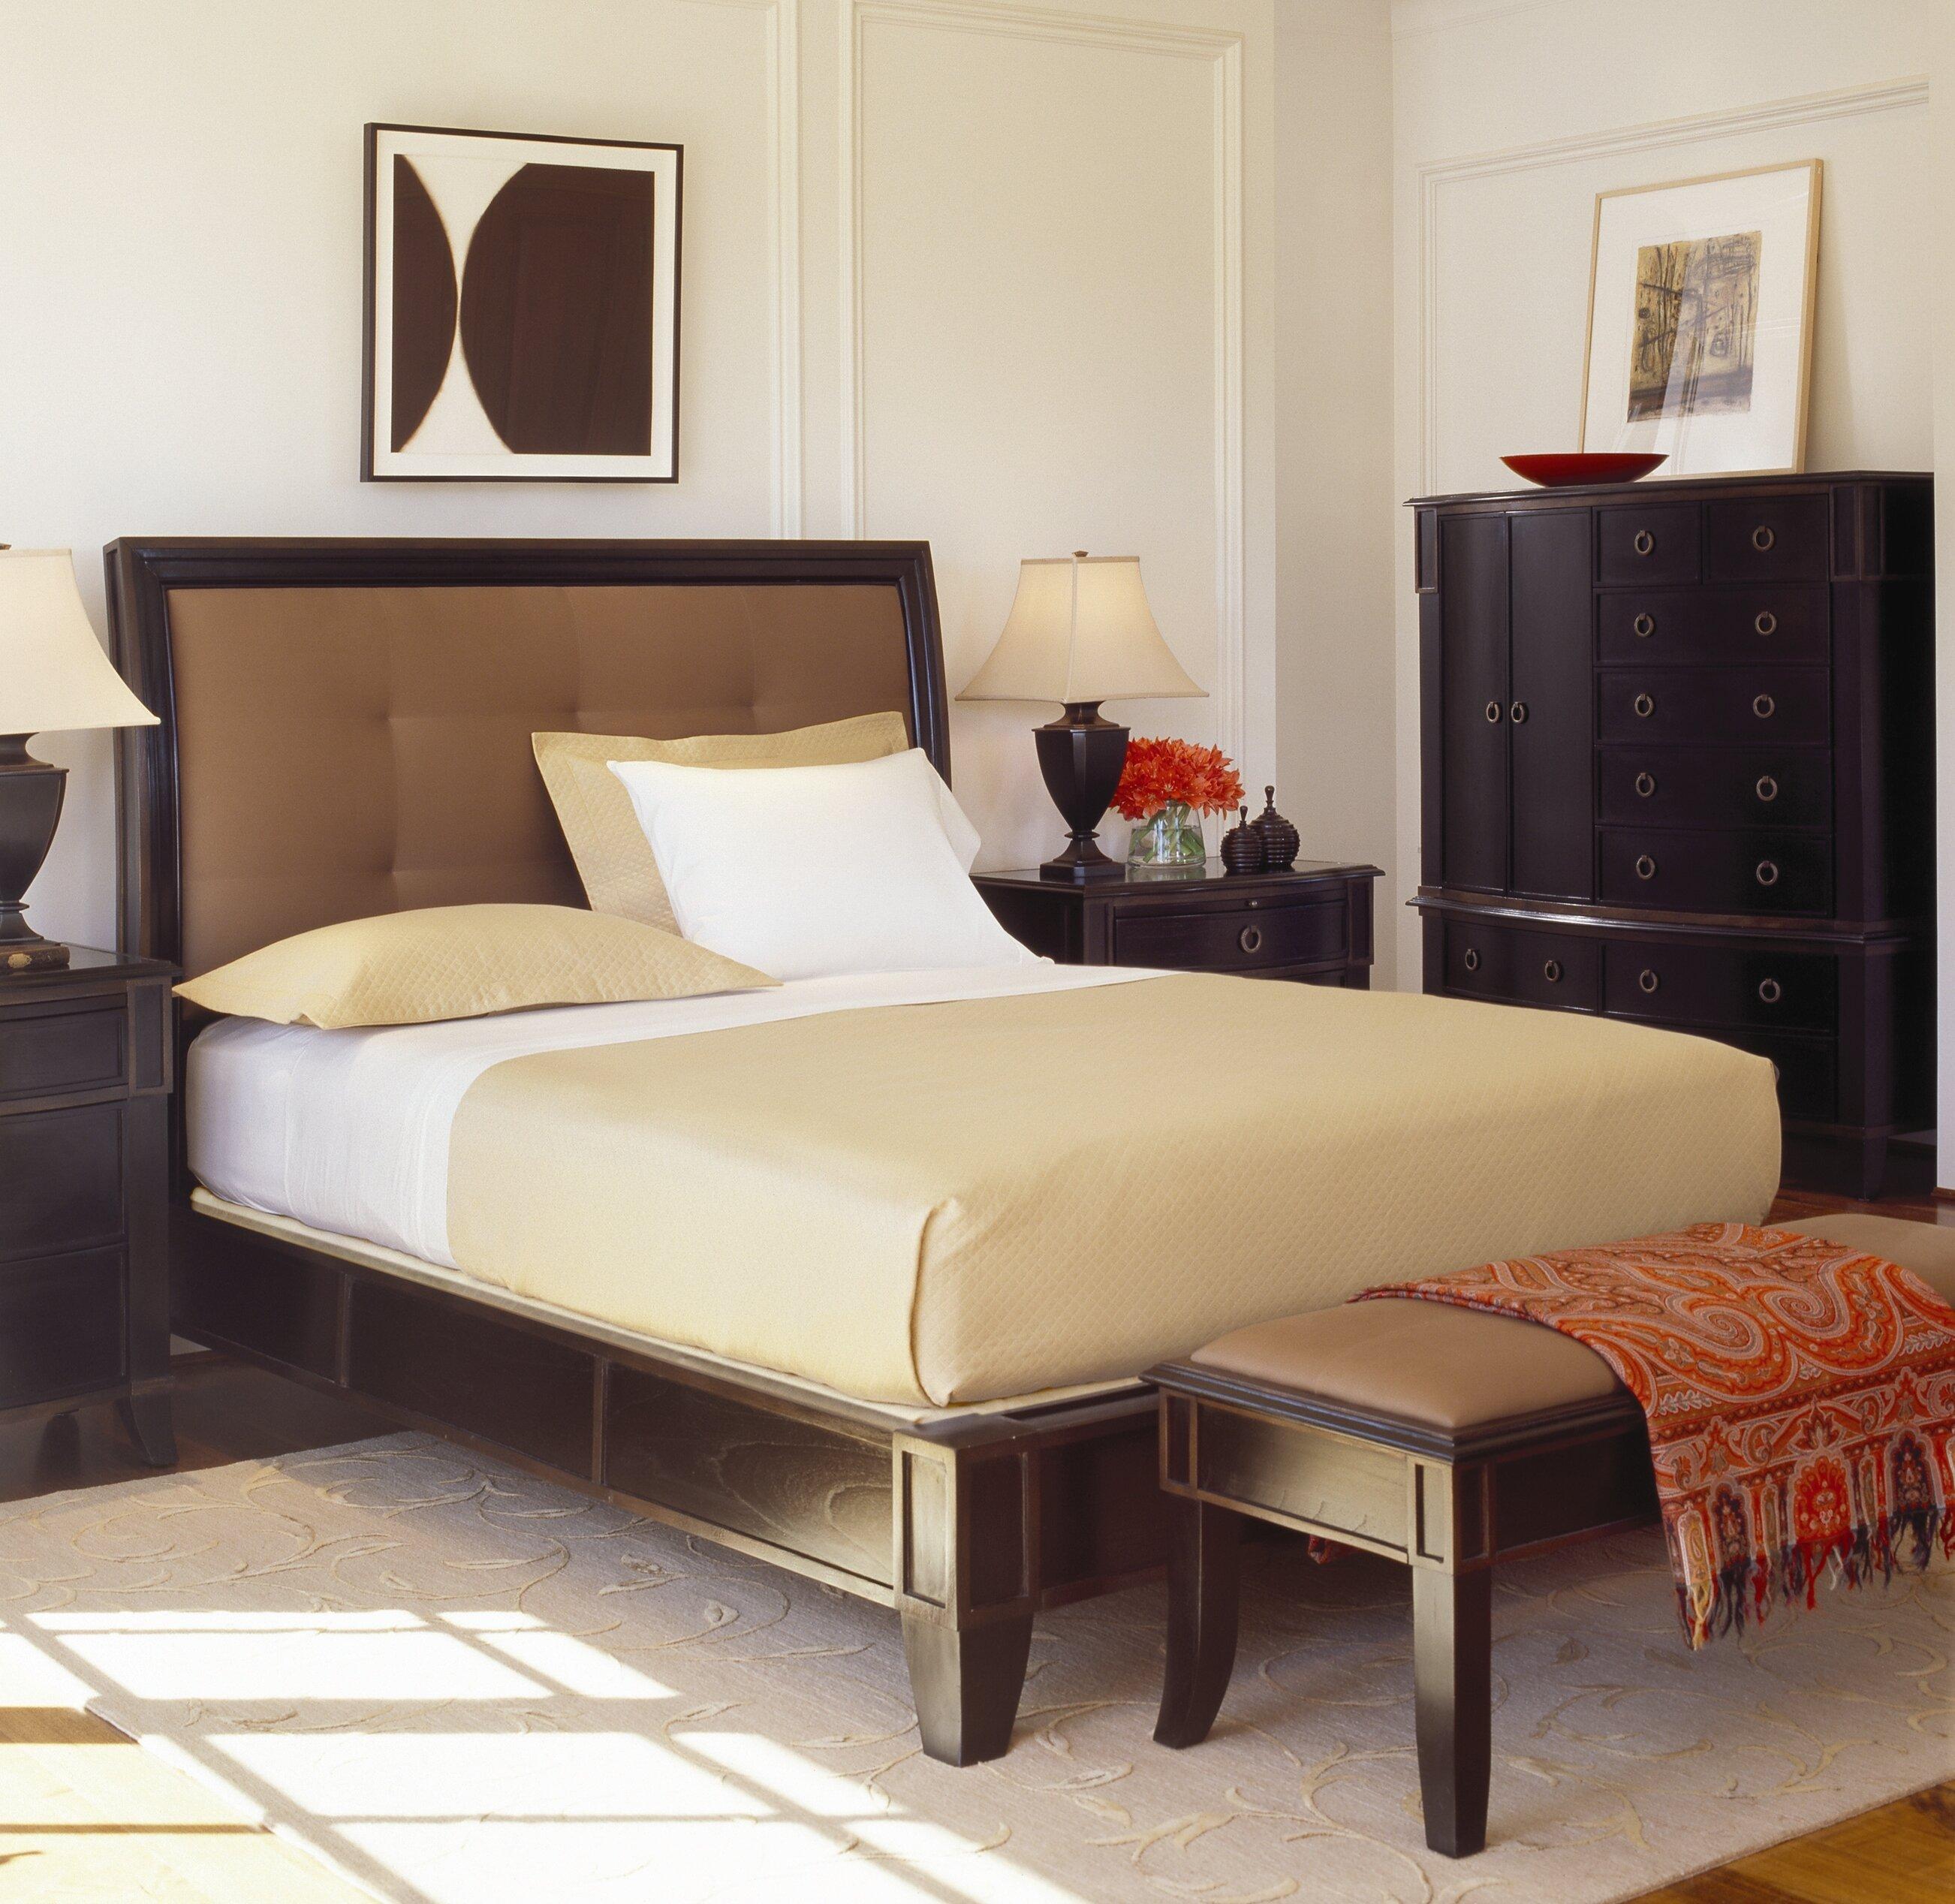 brownstone furniture metropolitan platform configurable. Black Bedroom Furniture Sets. Home Design Ideas